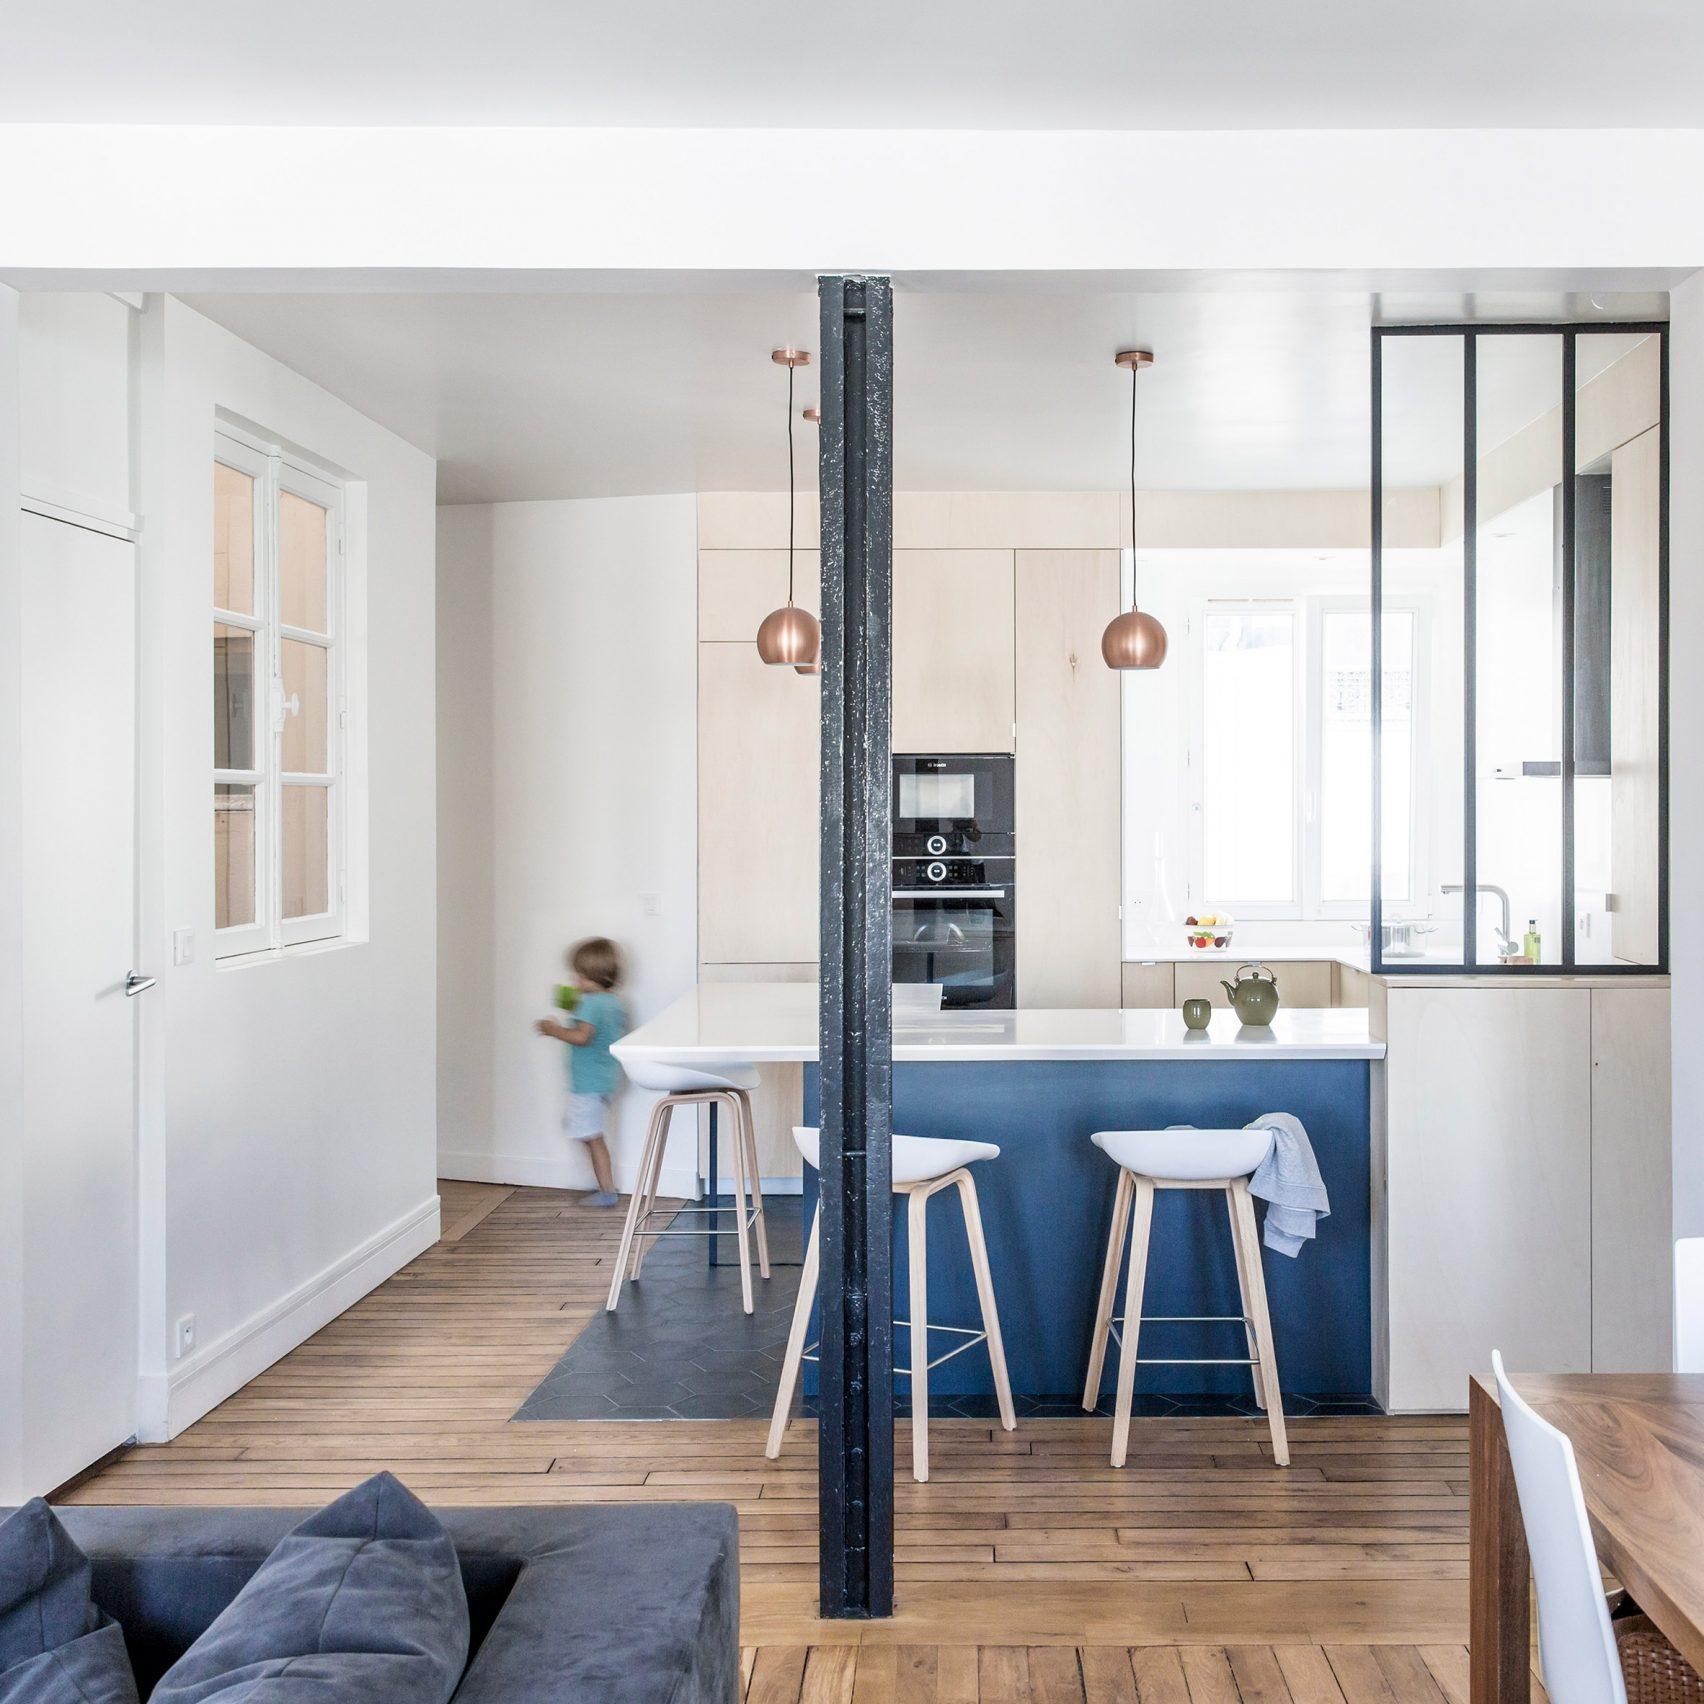 (4)apartment-g-anne-laure-dubois-interior-design-paris_dezeen_2364_sq-1704x1704